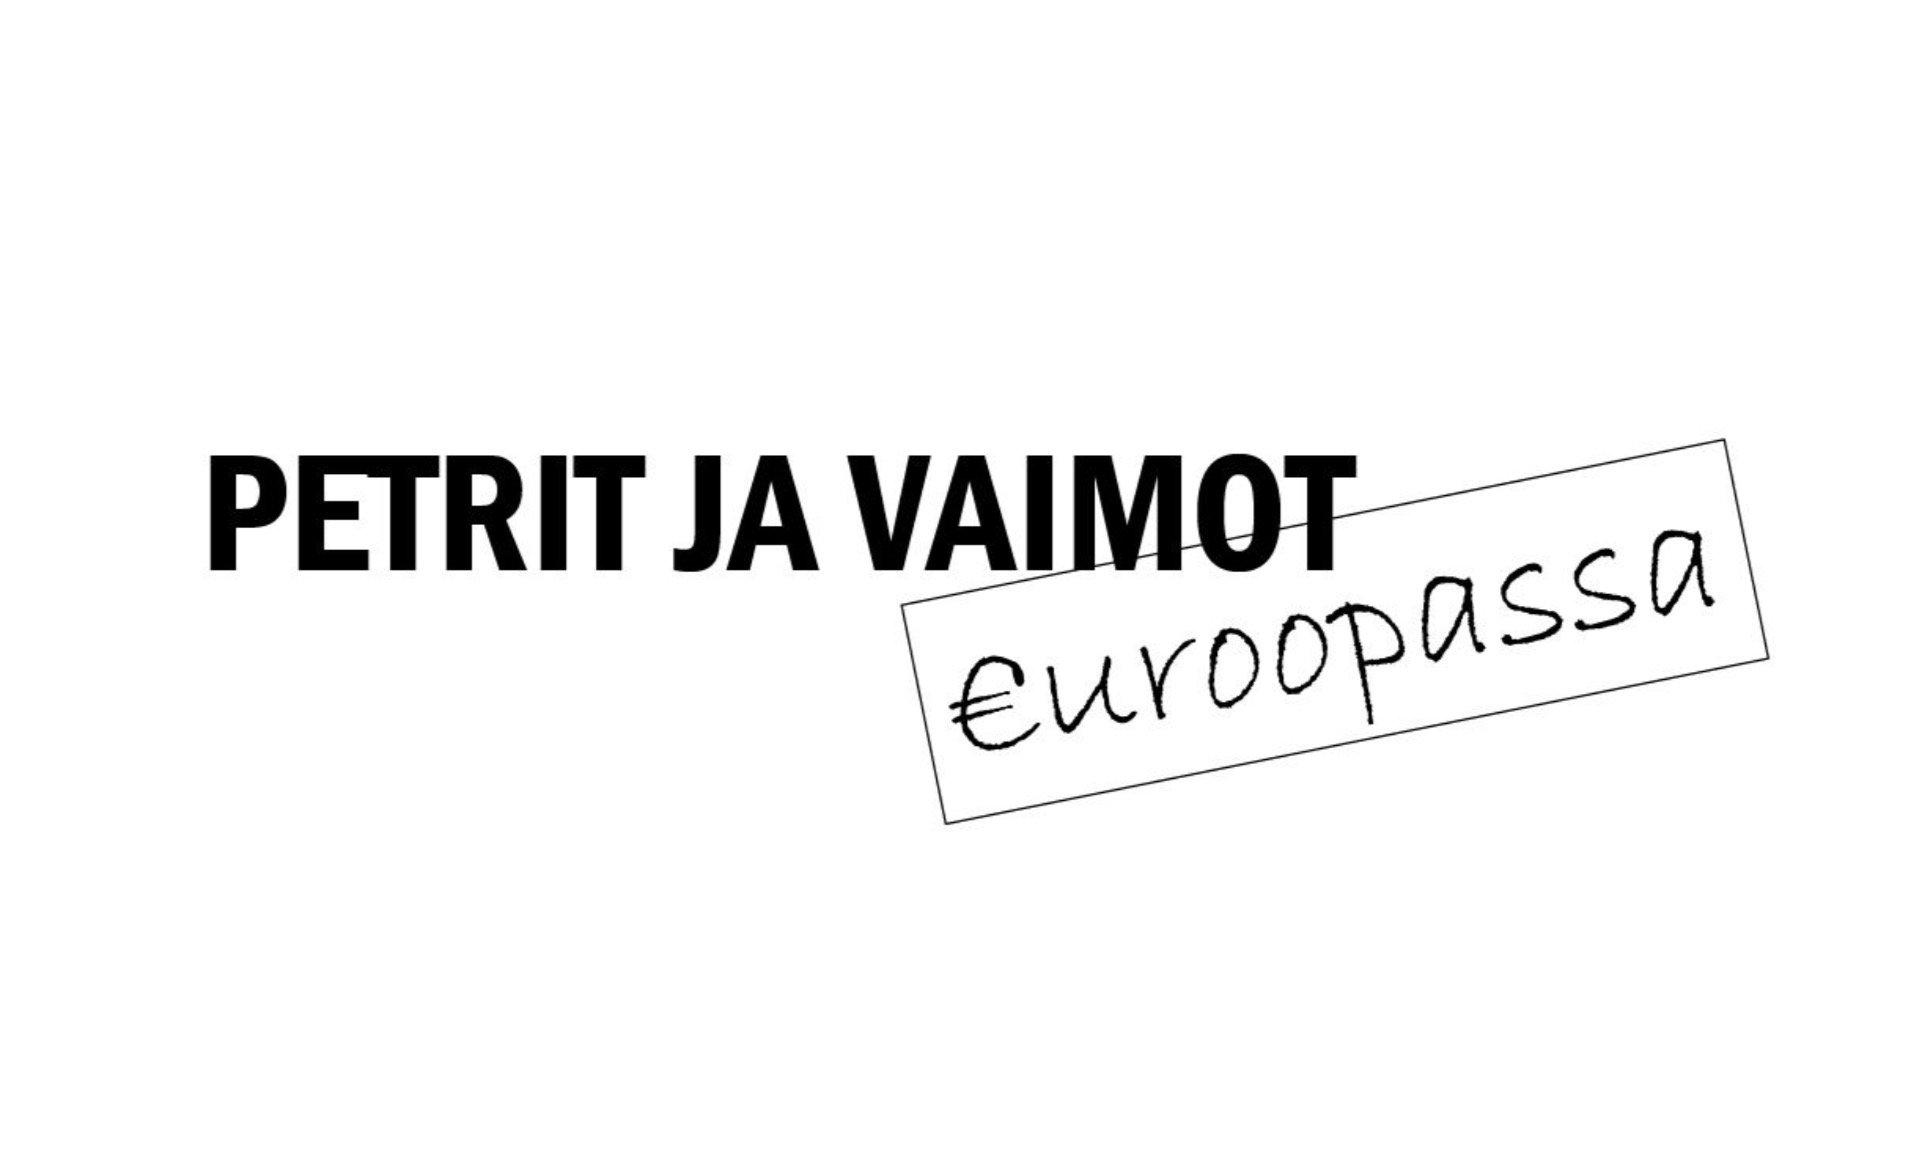 Petrit ja Vaimot Euroopassa